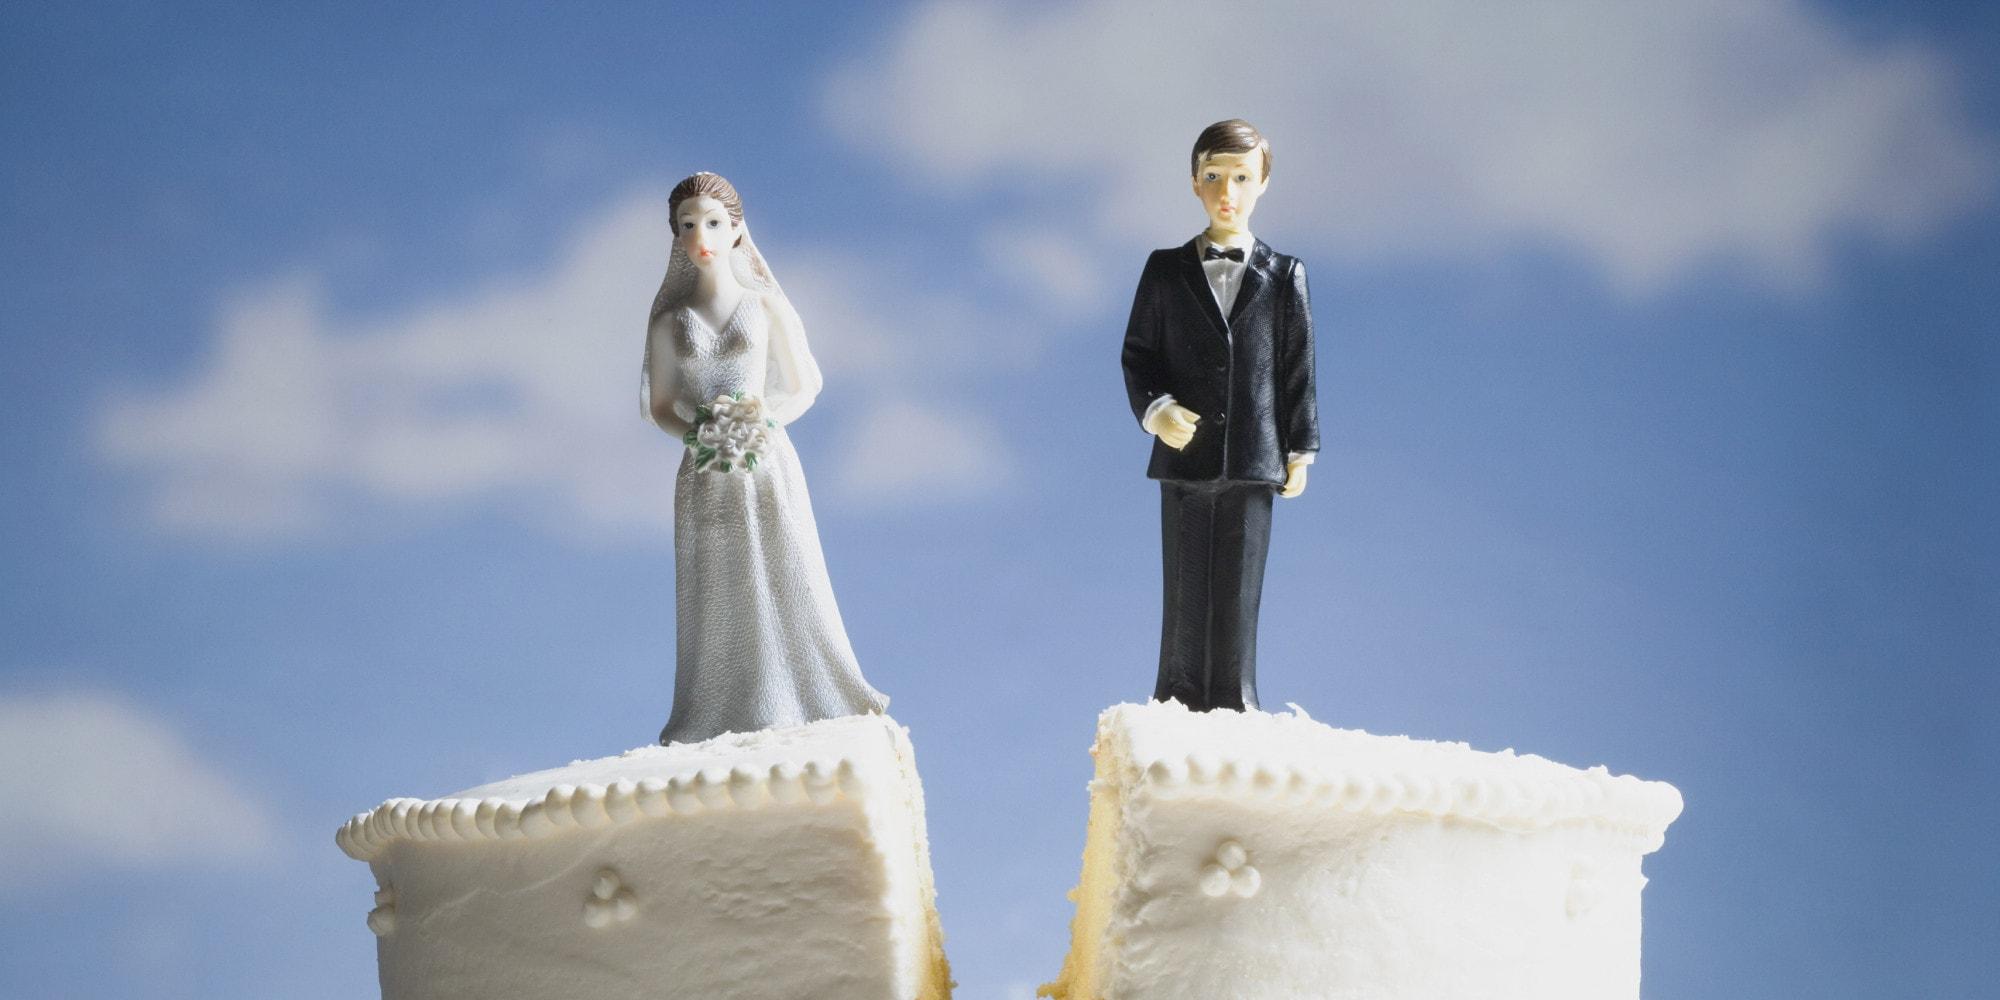 Promessa di matrimonio: lecito romperla ma bisogna pagare i danni